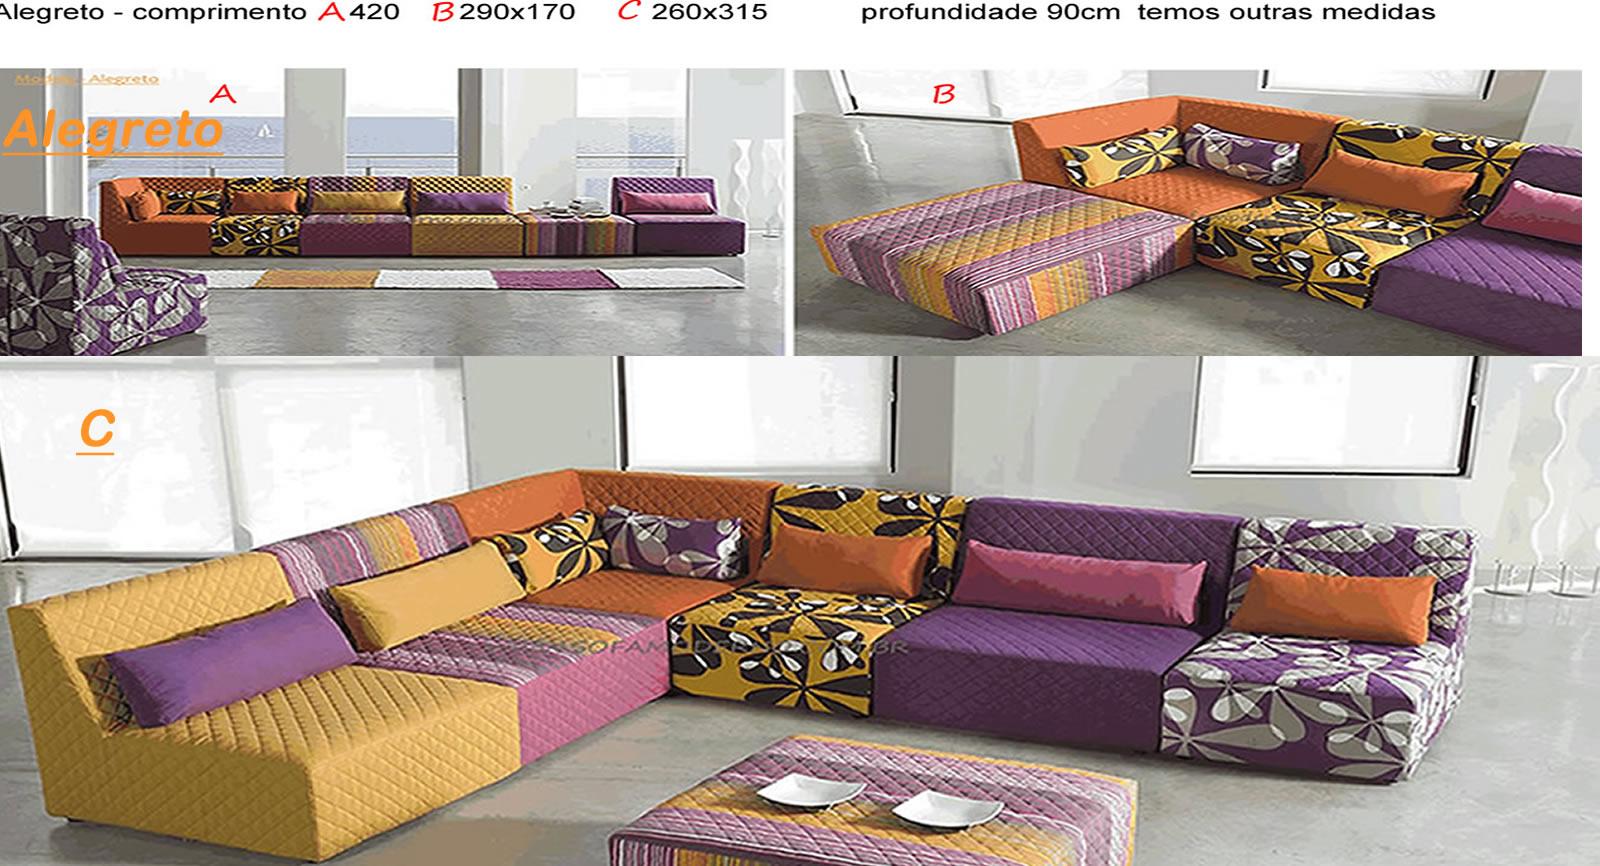 Sofa moderno modelos com garantia lindos do brasil for Sofa cama modular